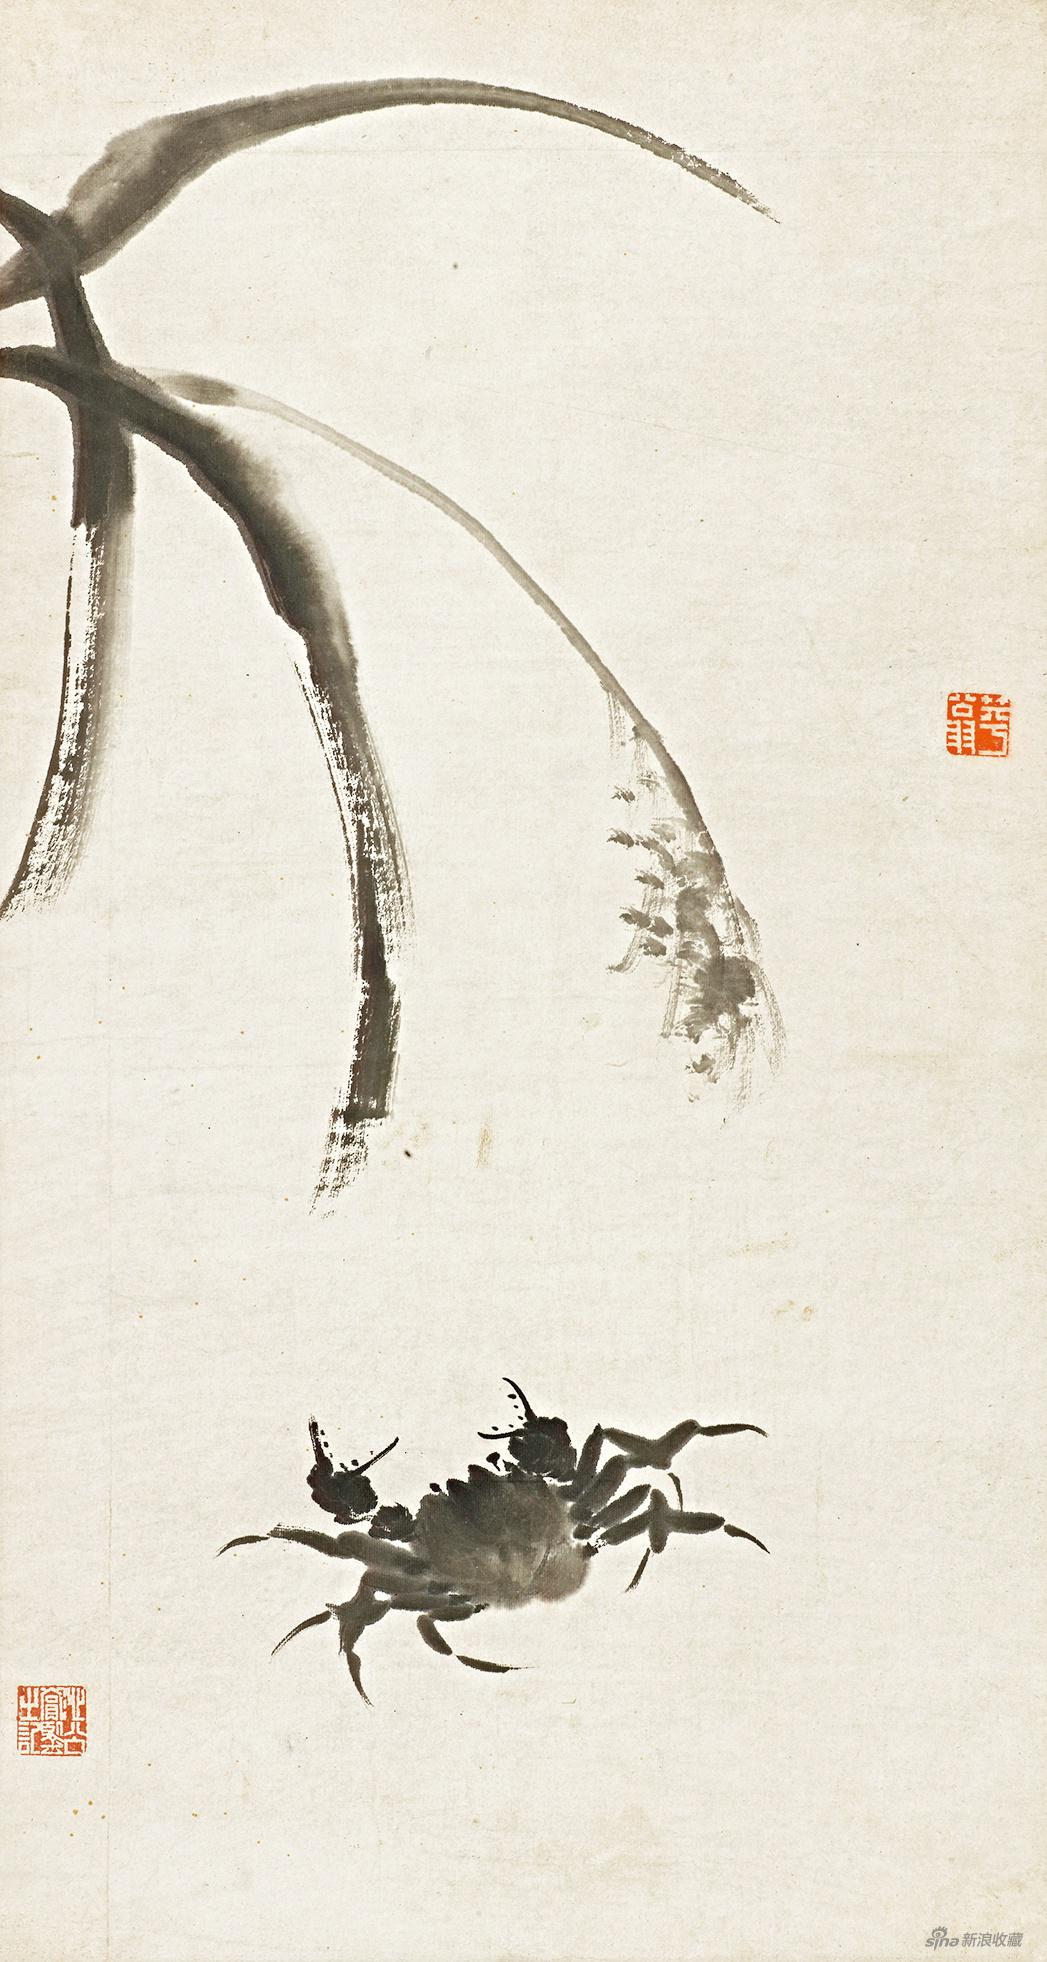 芦蟹图 齐白石 无年款 75×40cm 纸本水墨 辽宁省博物馆藏